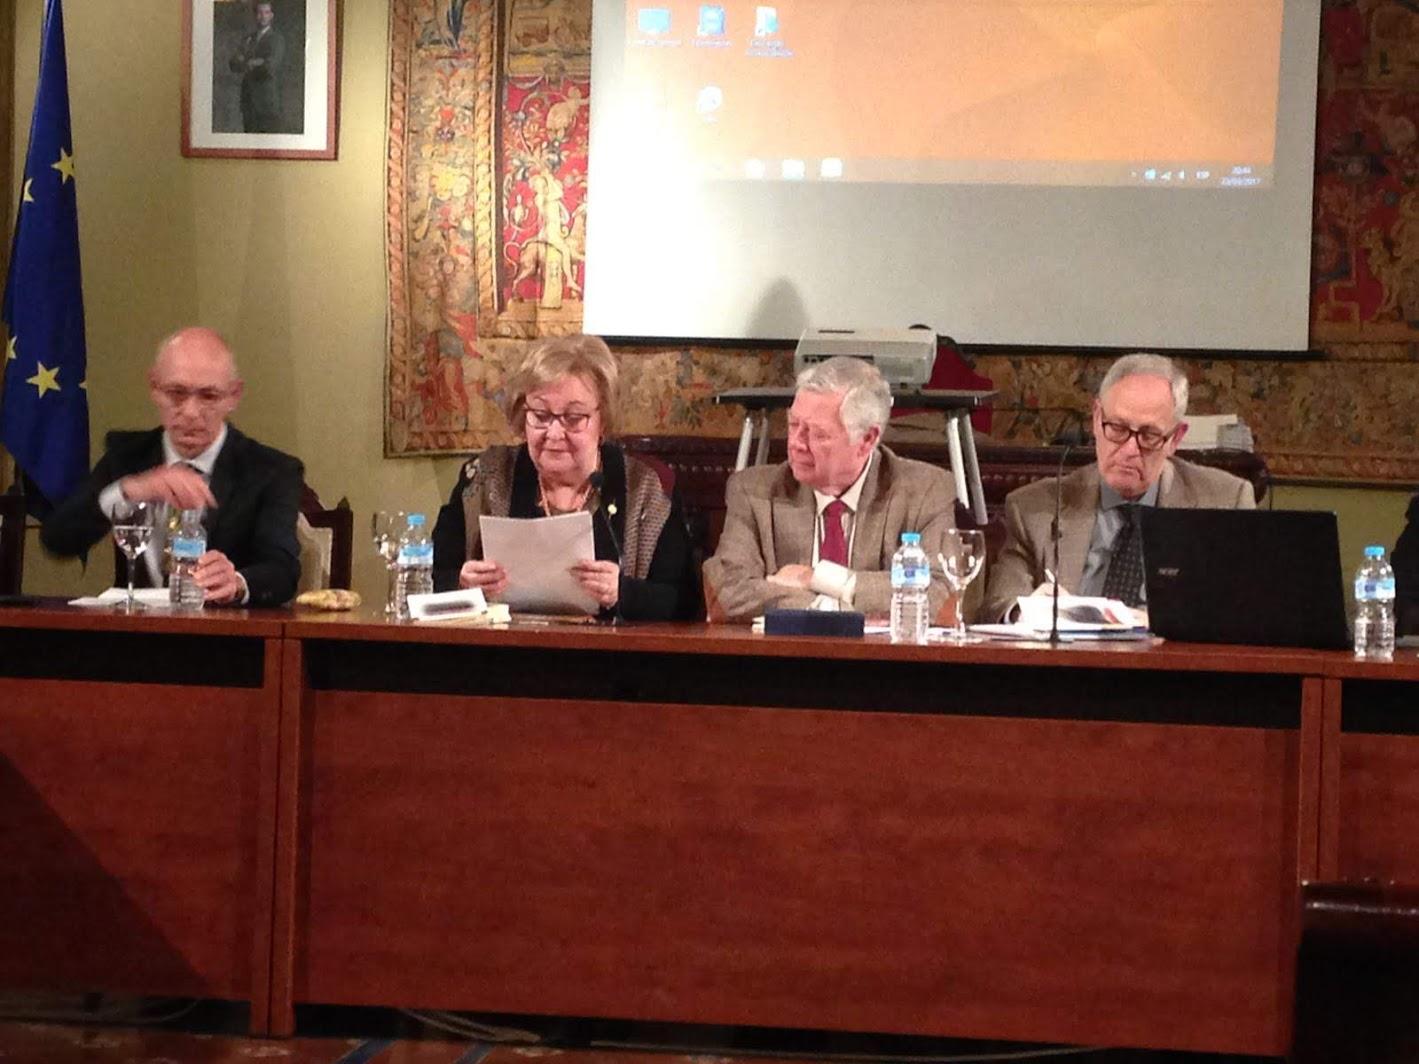 Presentación de El lugar de las dudas en la Real Academia de Córdoba